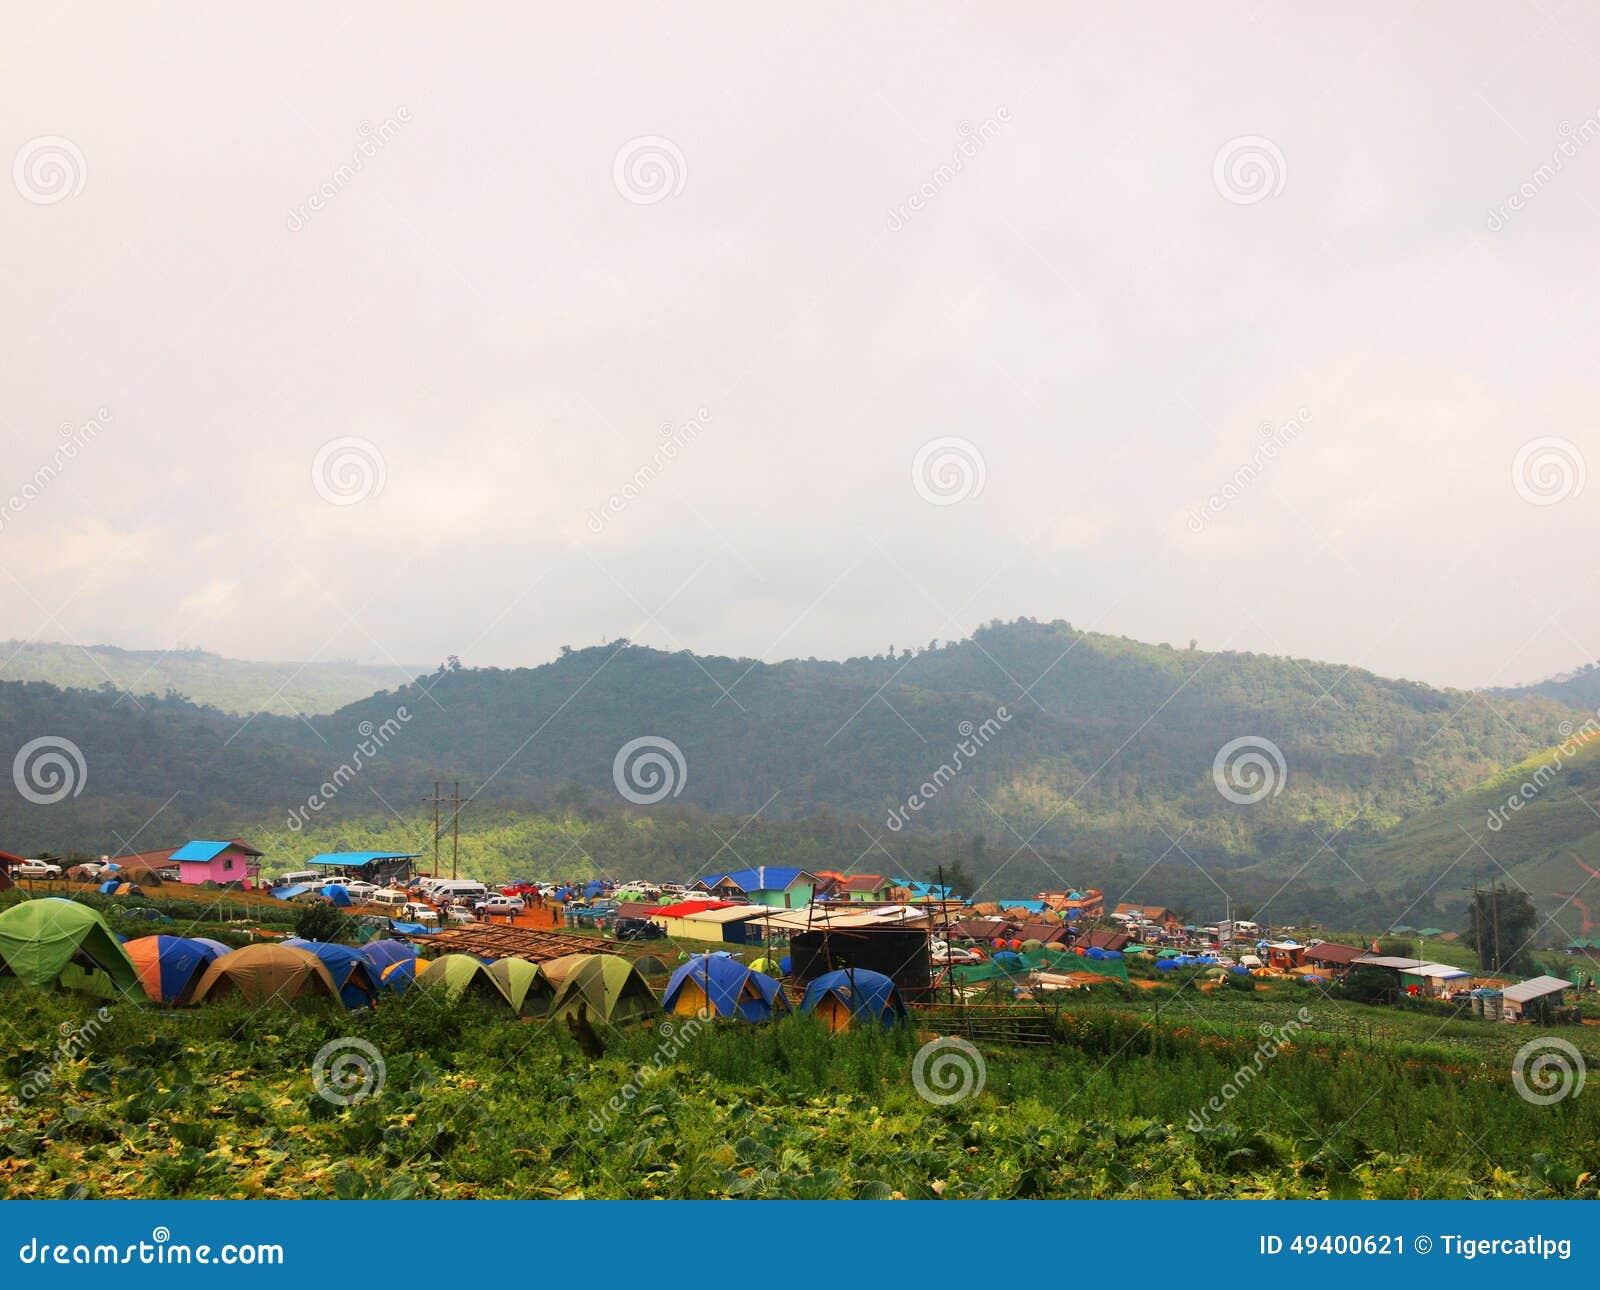 Download Kampieren am Hügel stockbild. Bild von hügel, nord, feiertage - 49400621